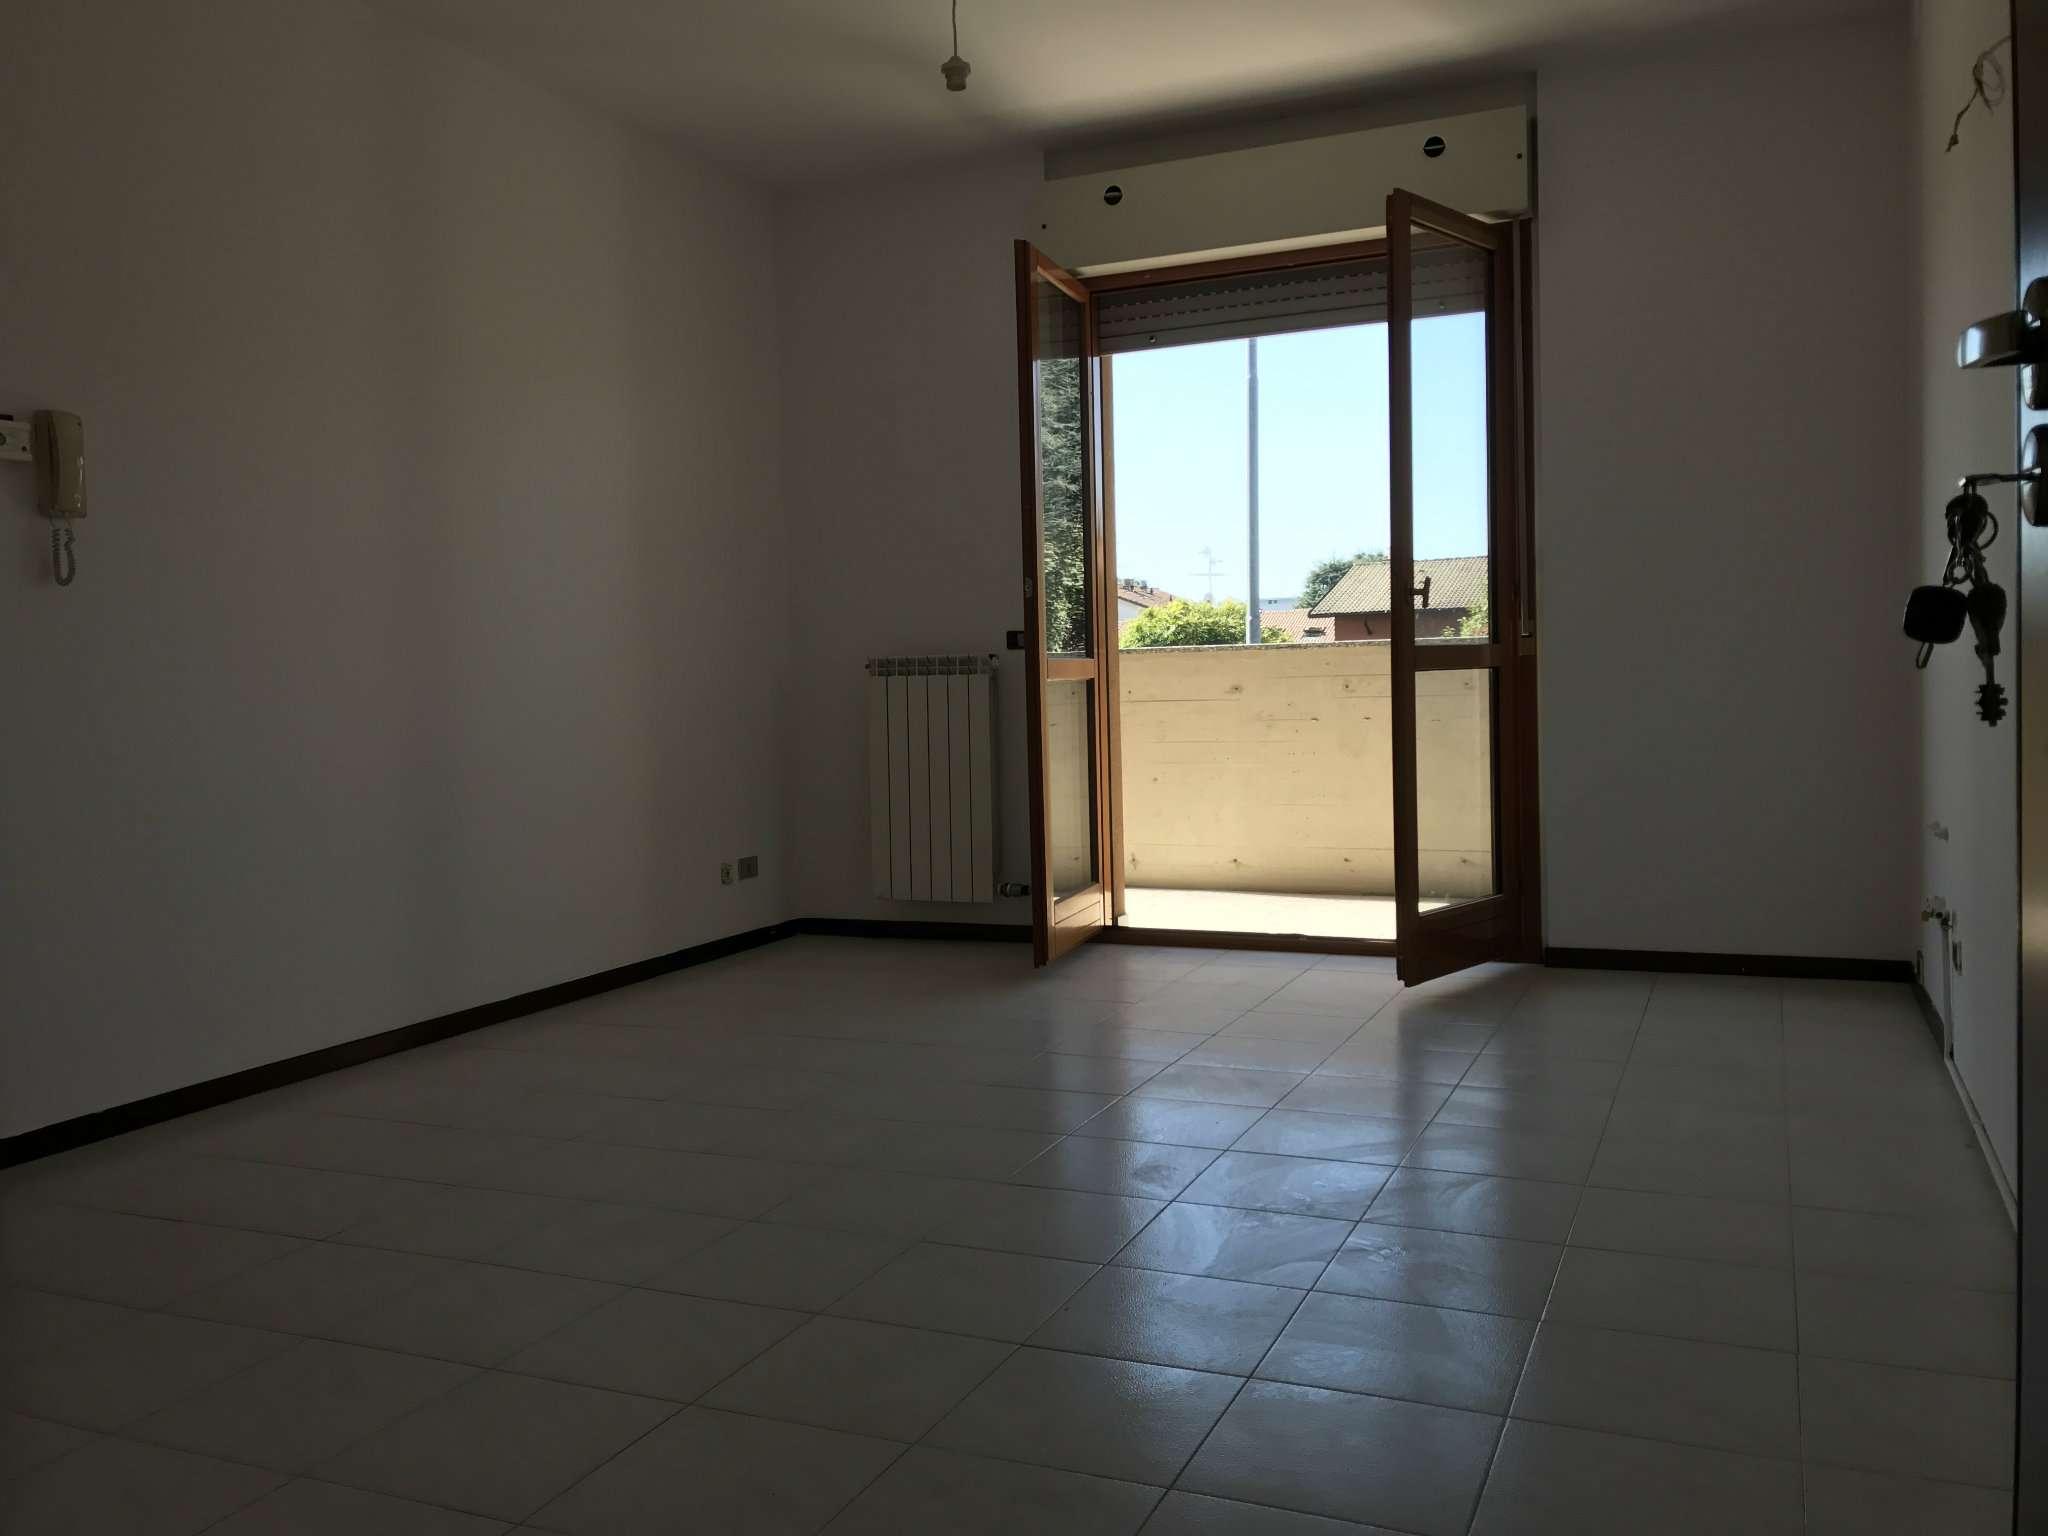 Appartamento in vendita a Gorgonzola, 2 locali, prezzo € 105.000   CambioCasa.it